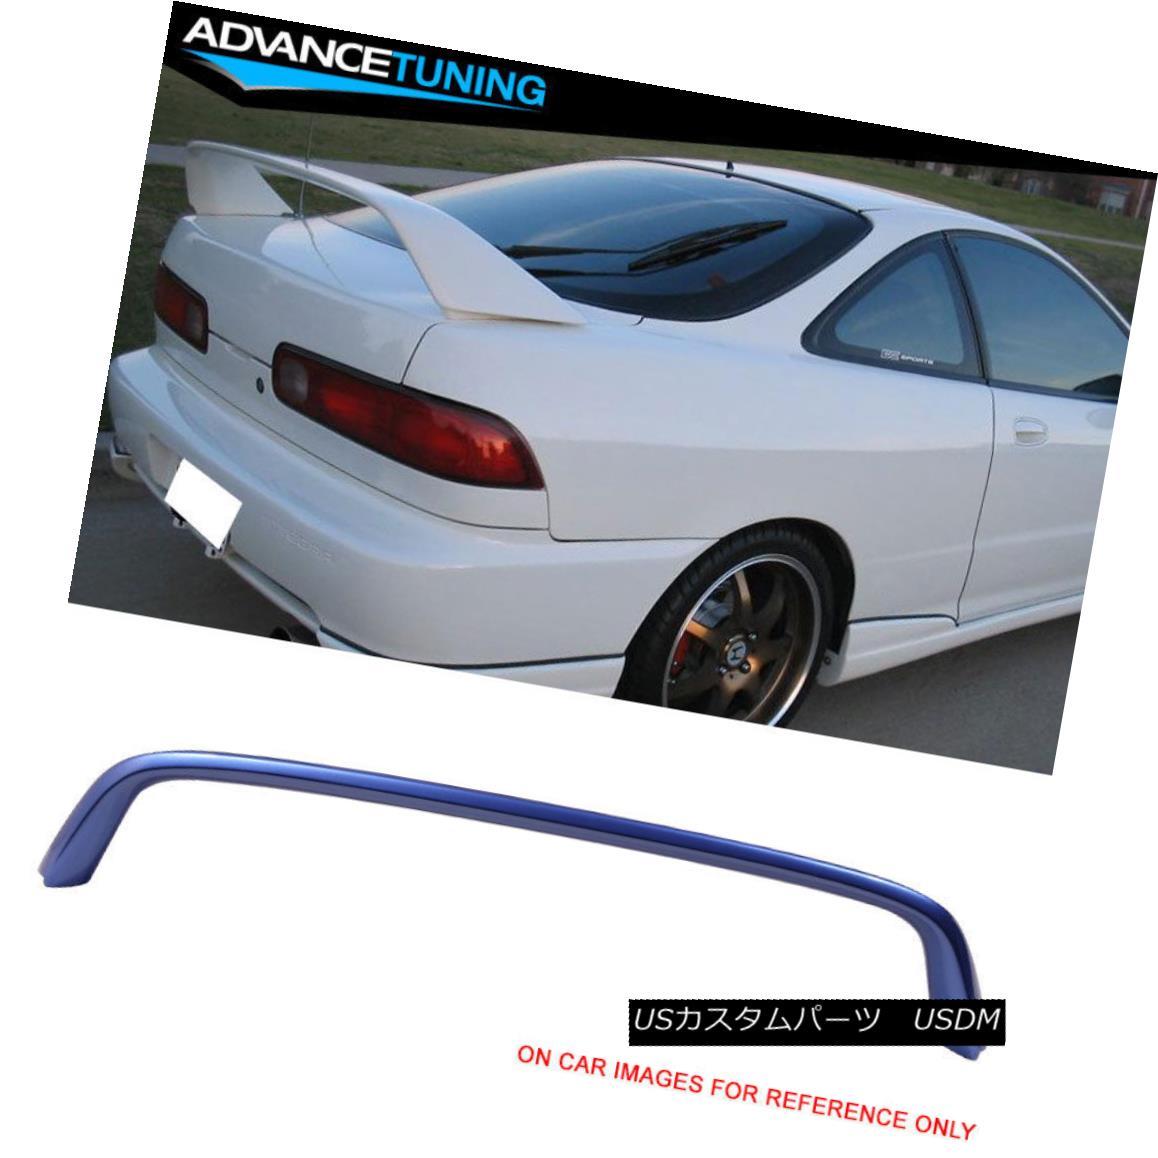 エアロパーツ Fits 94-01 Integra Type R Trunk Spoiler OEM Painted #B97M Voltage Blue Metallic フィット94-01 IntegraタイプRトランク・スポイラーOEM塗装#B97M電圧ブルーメタリック